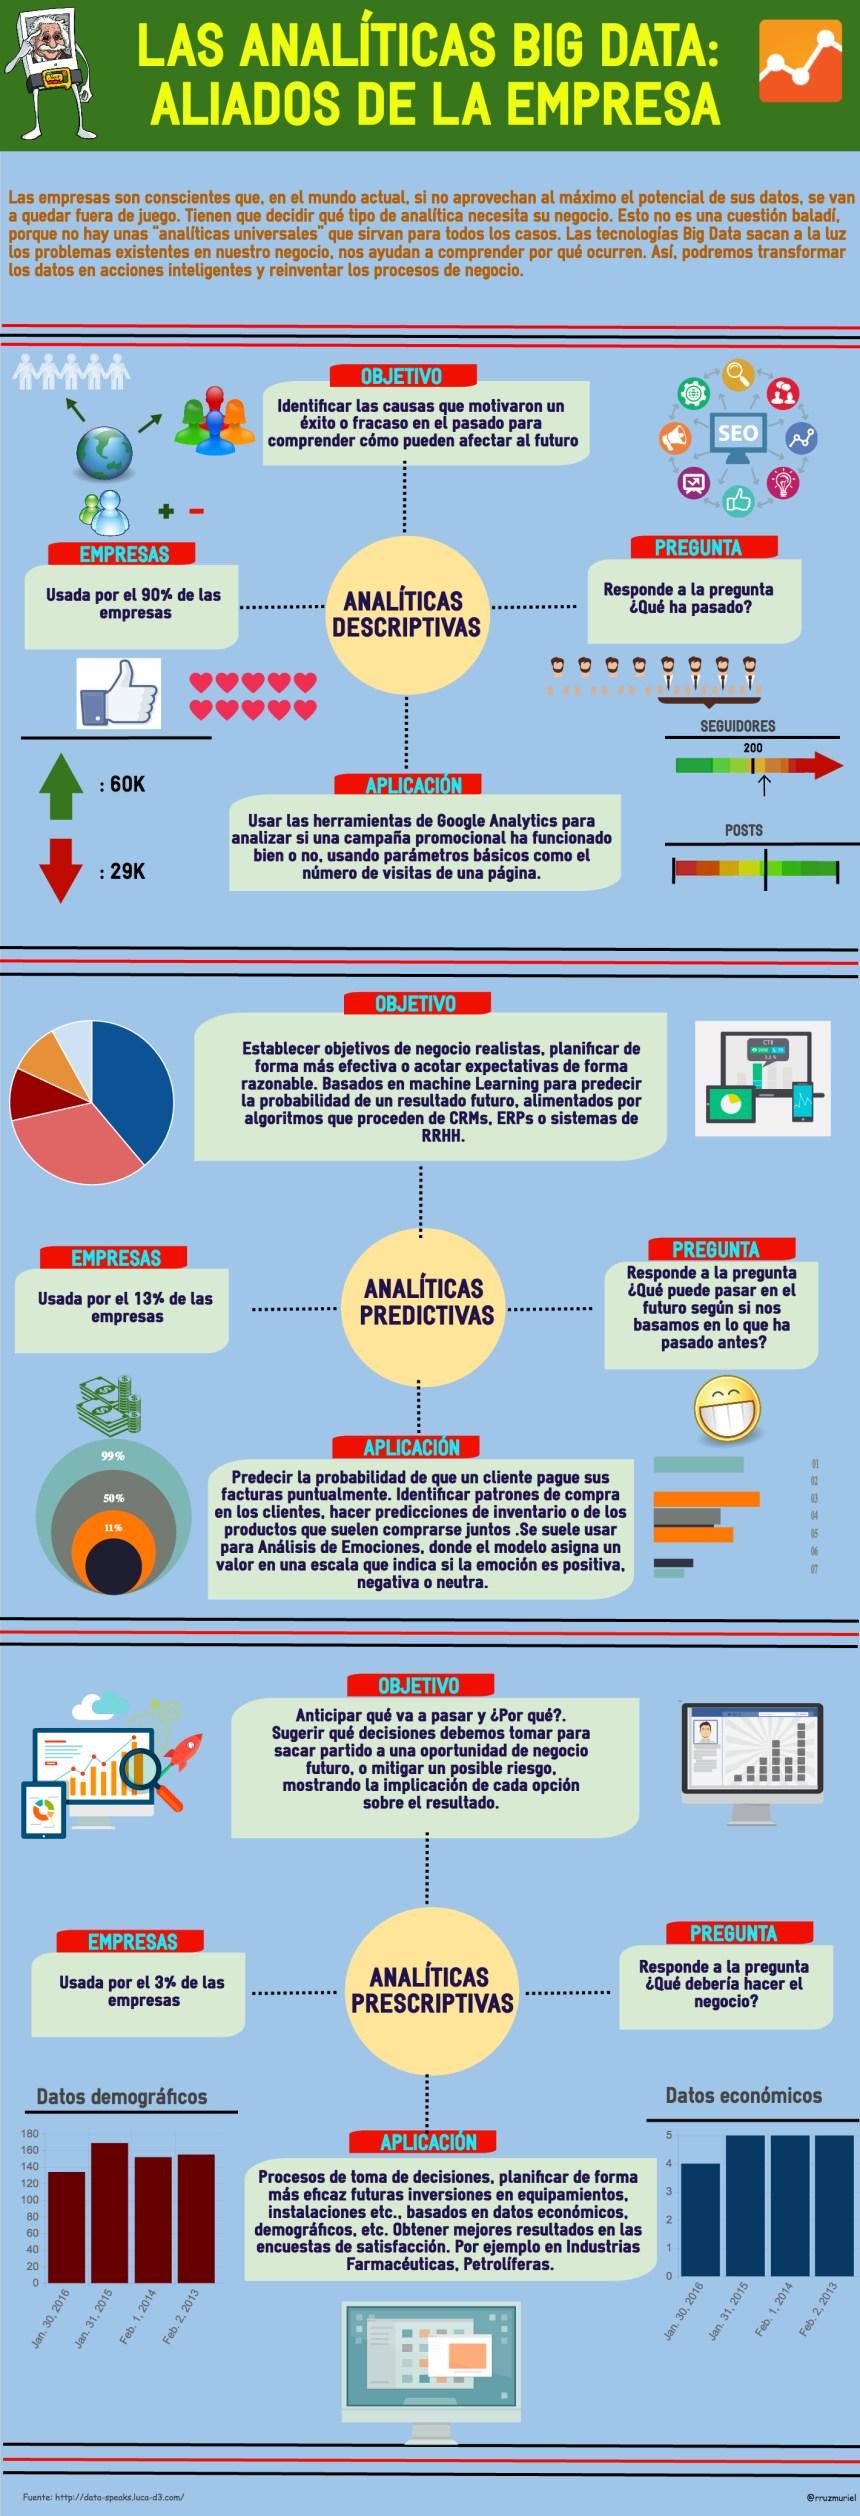 Analíticas Big Data: aliadas de la empresa